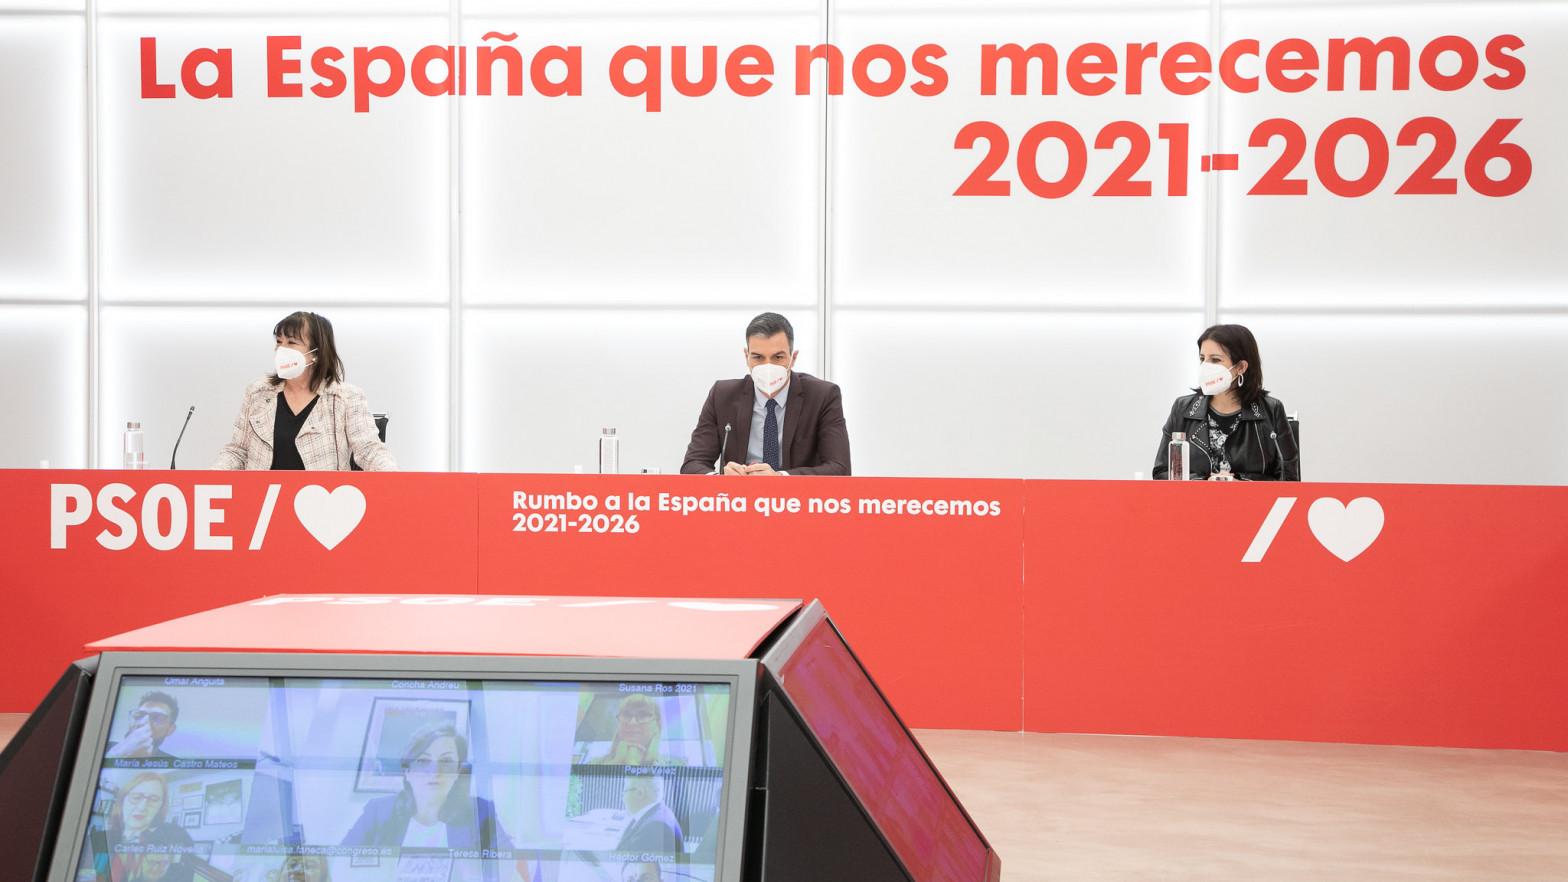 Sánchez prohíbe al PSOE acudir a las marchas del 8-M para no dar munición al PP